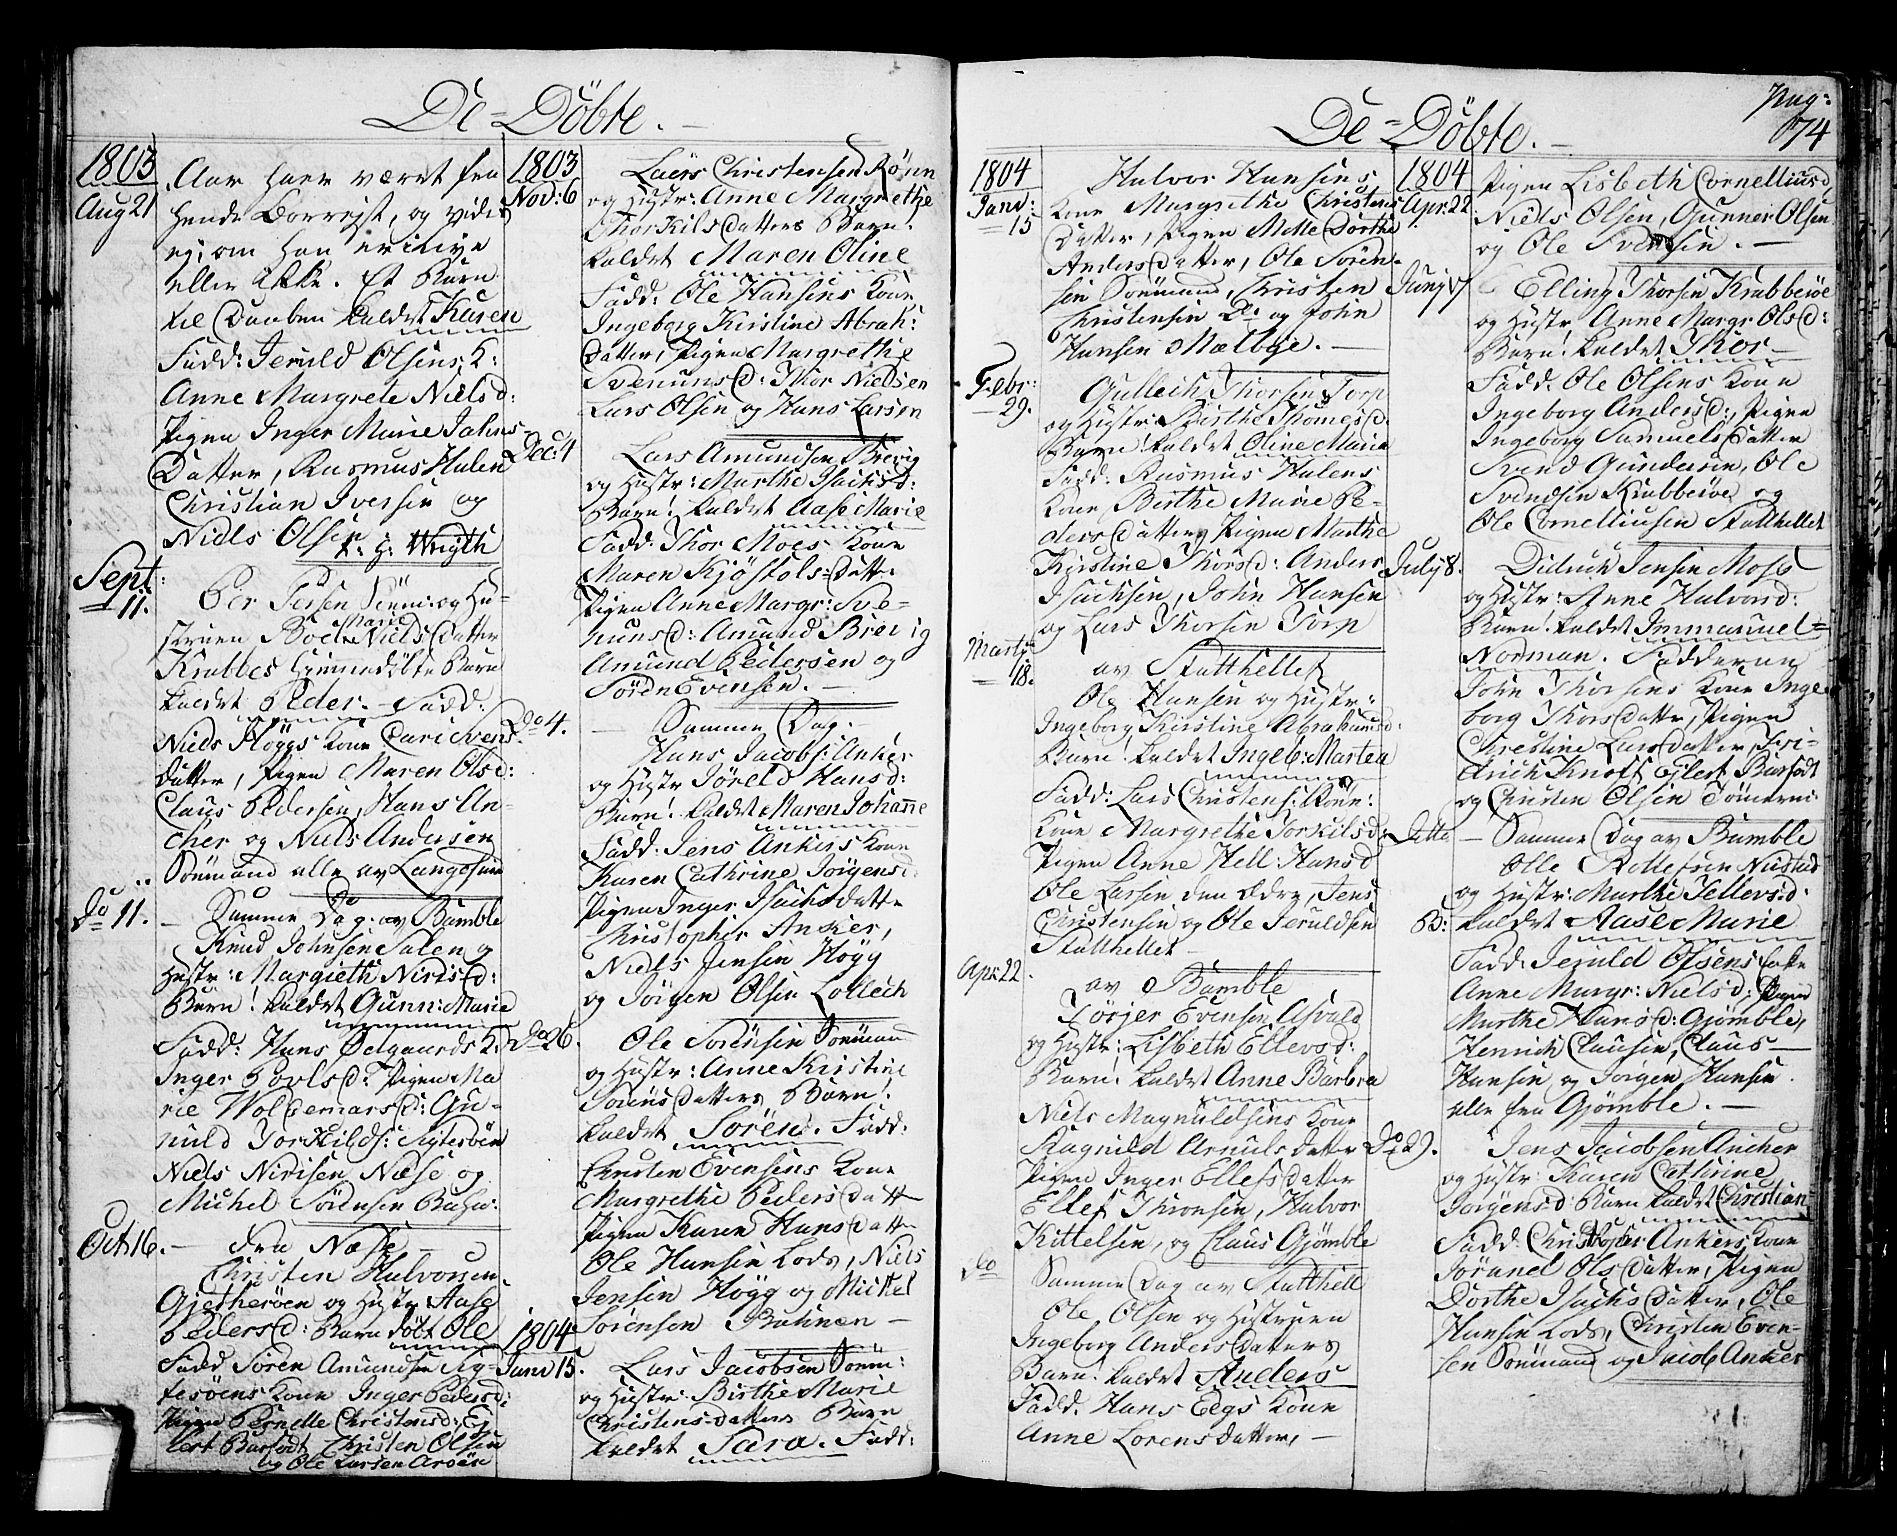 SAKO, Langesund kirkebøker, G/Ga/L0002: Klokkerbok nr. 2, 1801-1815, s. 74